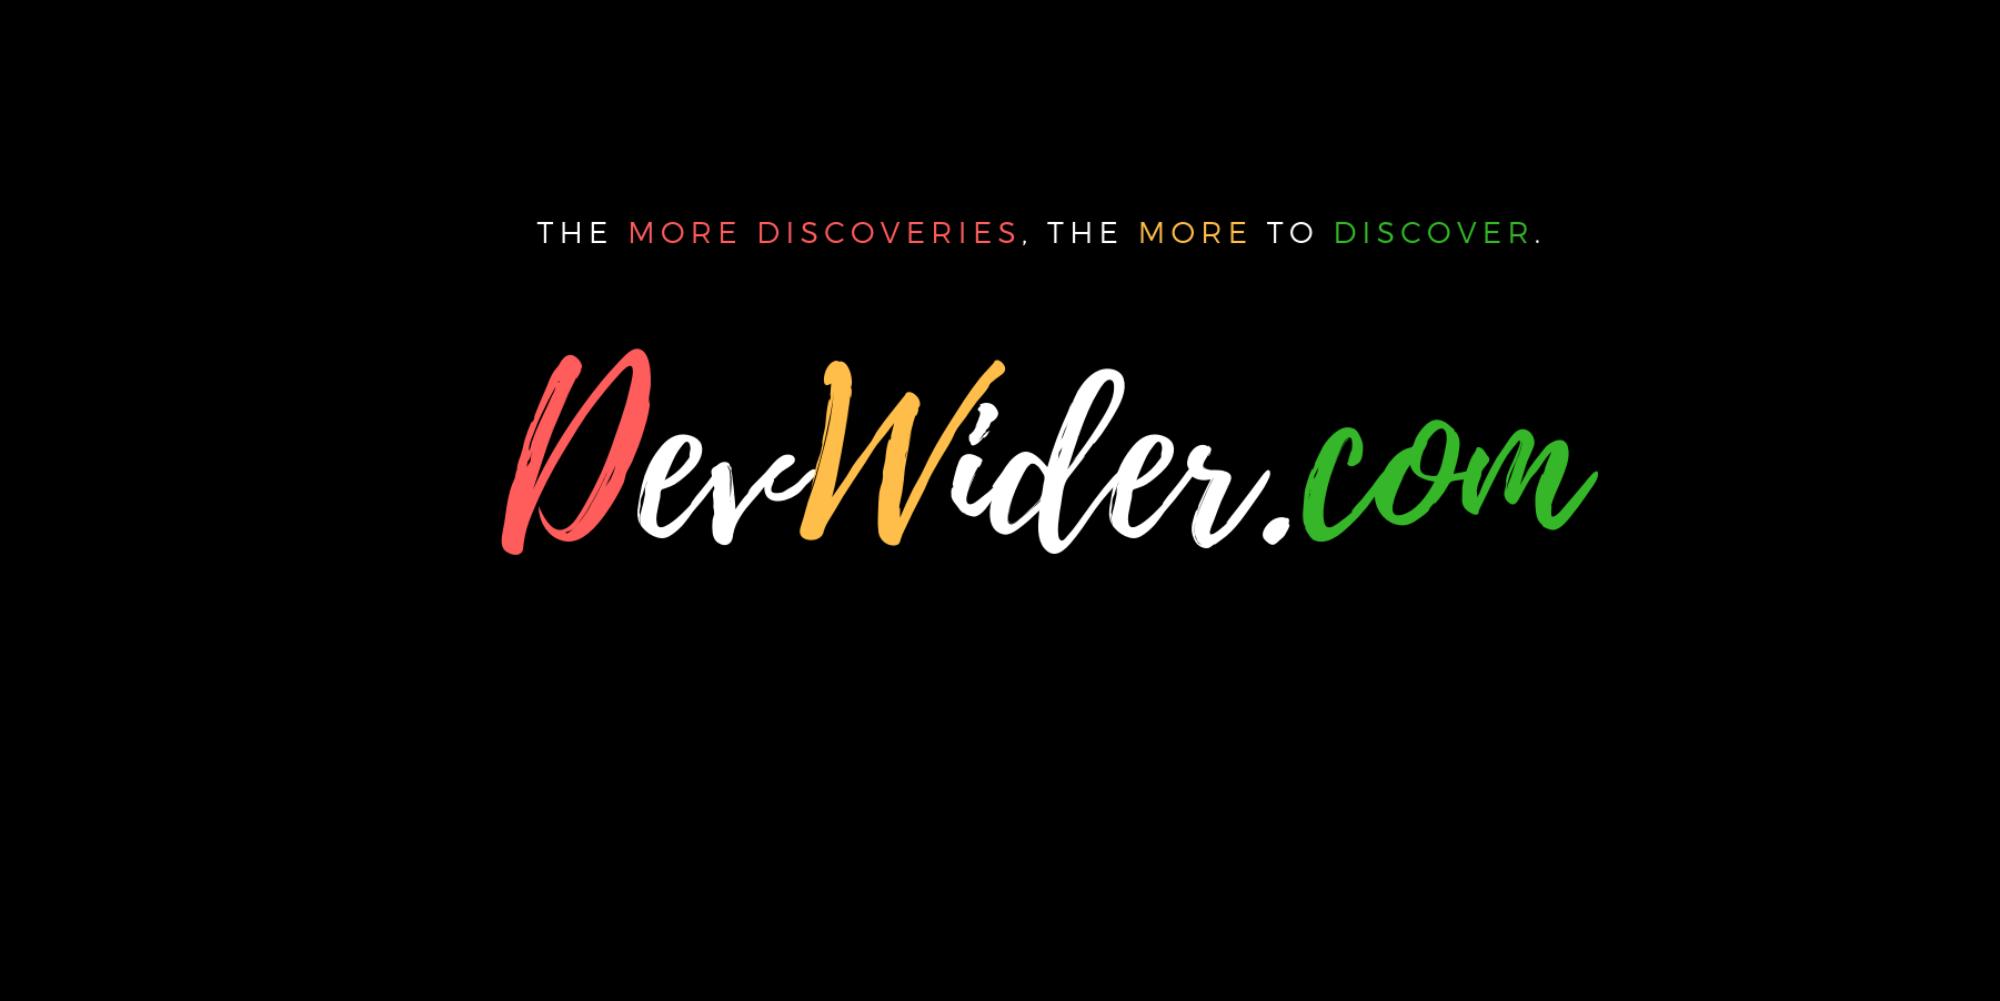 DevWider.com